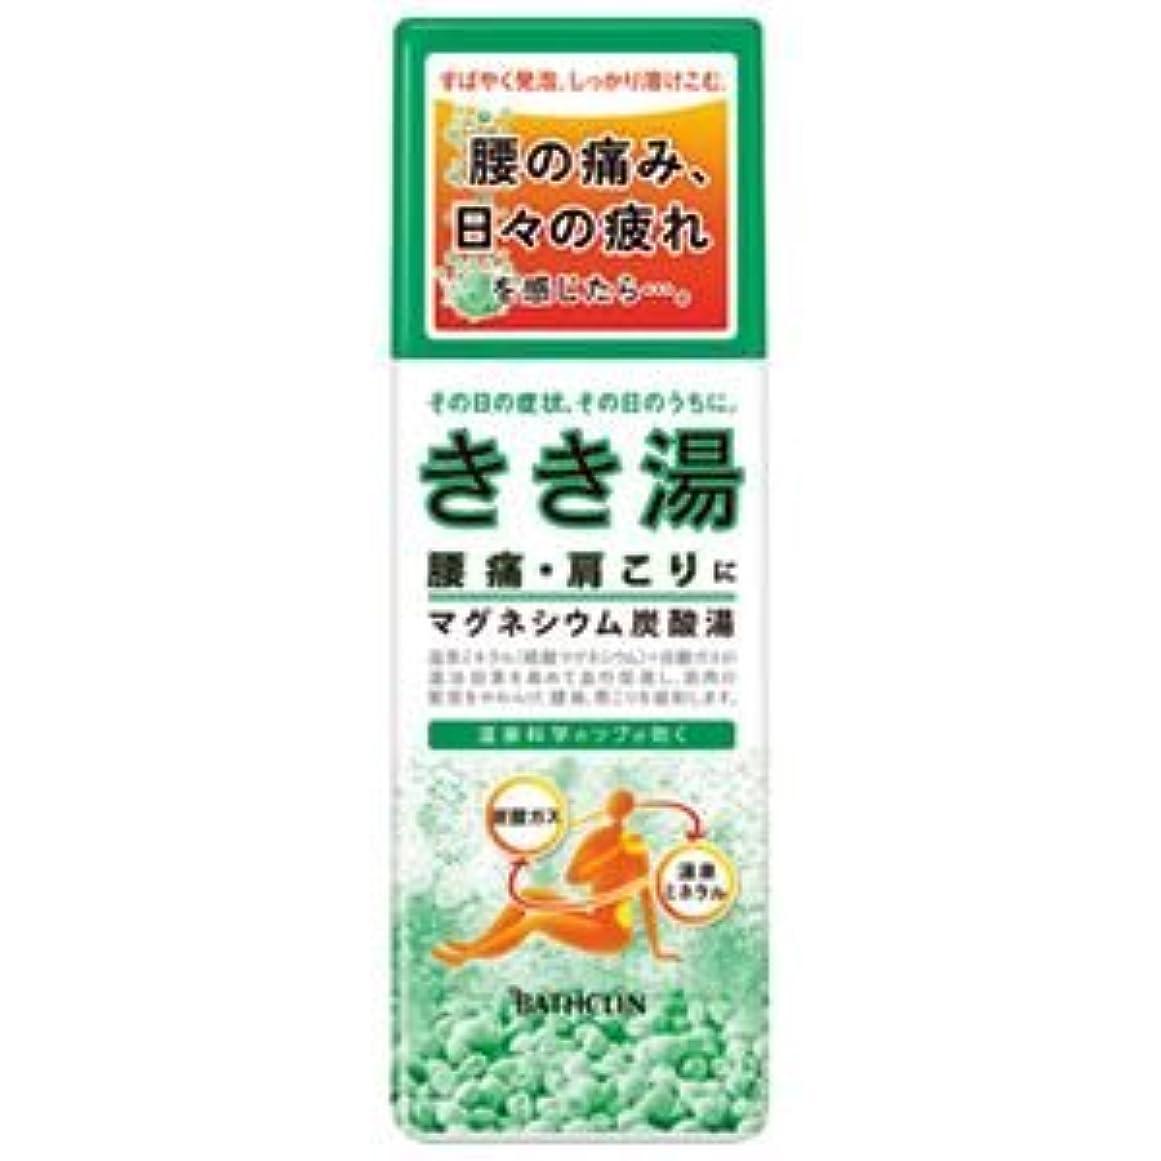 同情すぐにシロクマ(業務用10セット) バスクリン きき湯 マグネシウム炭酸湯 360g